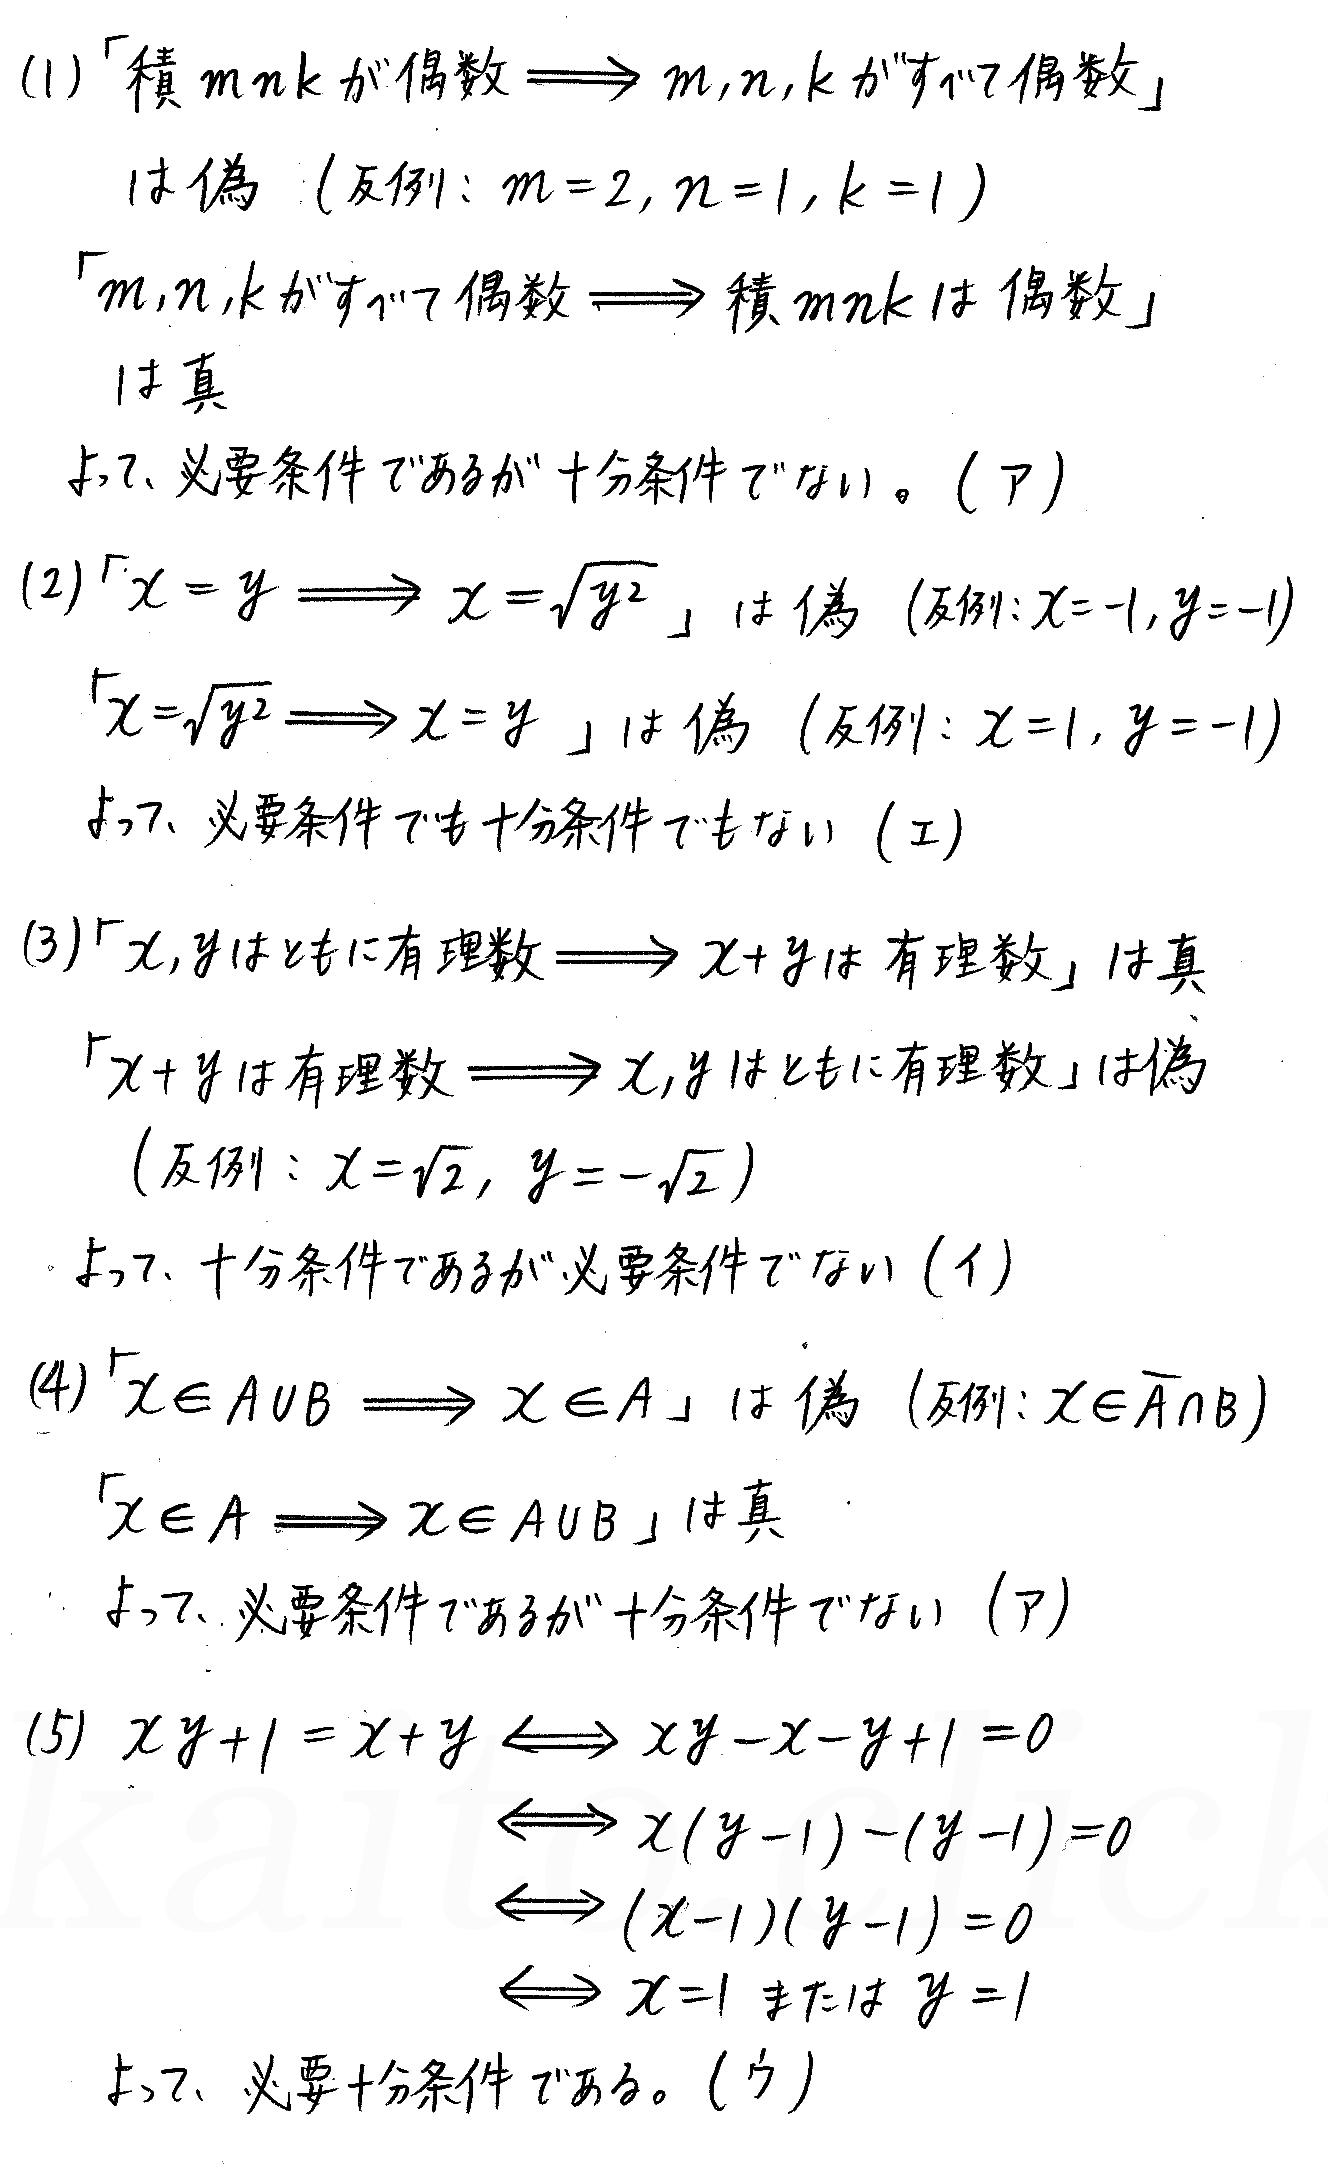 クリアー数学1-124解答